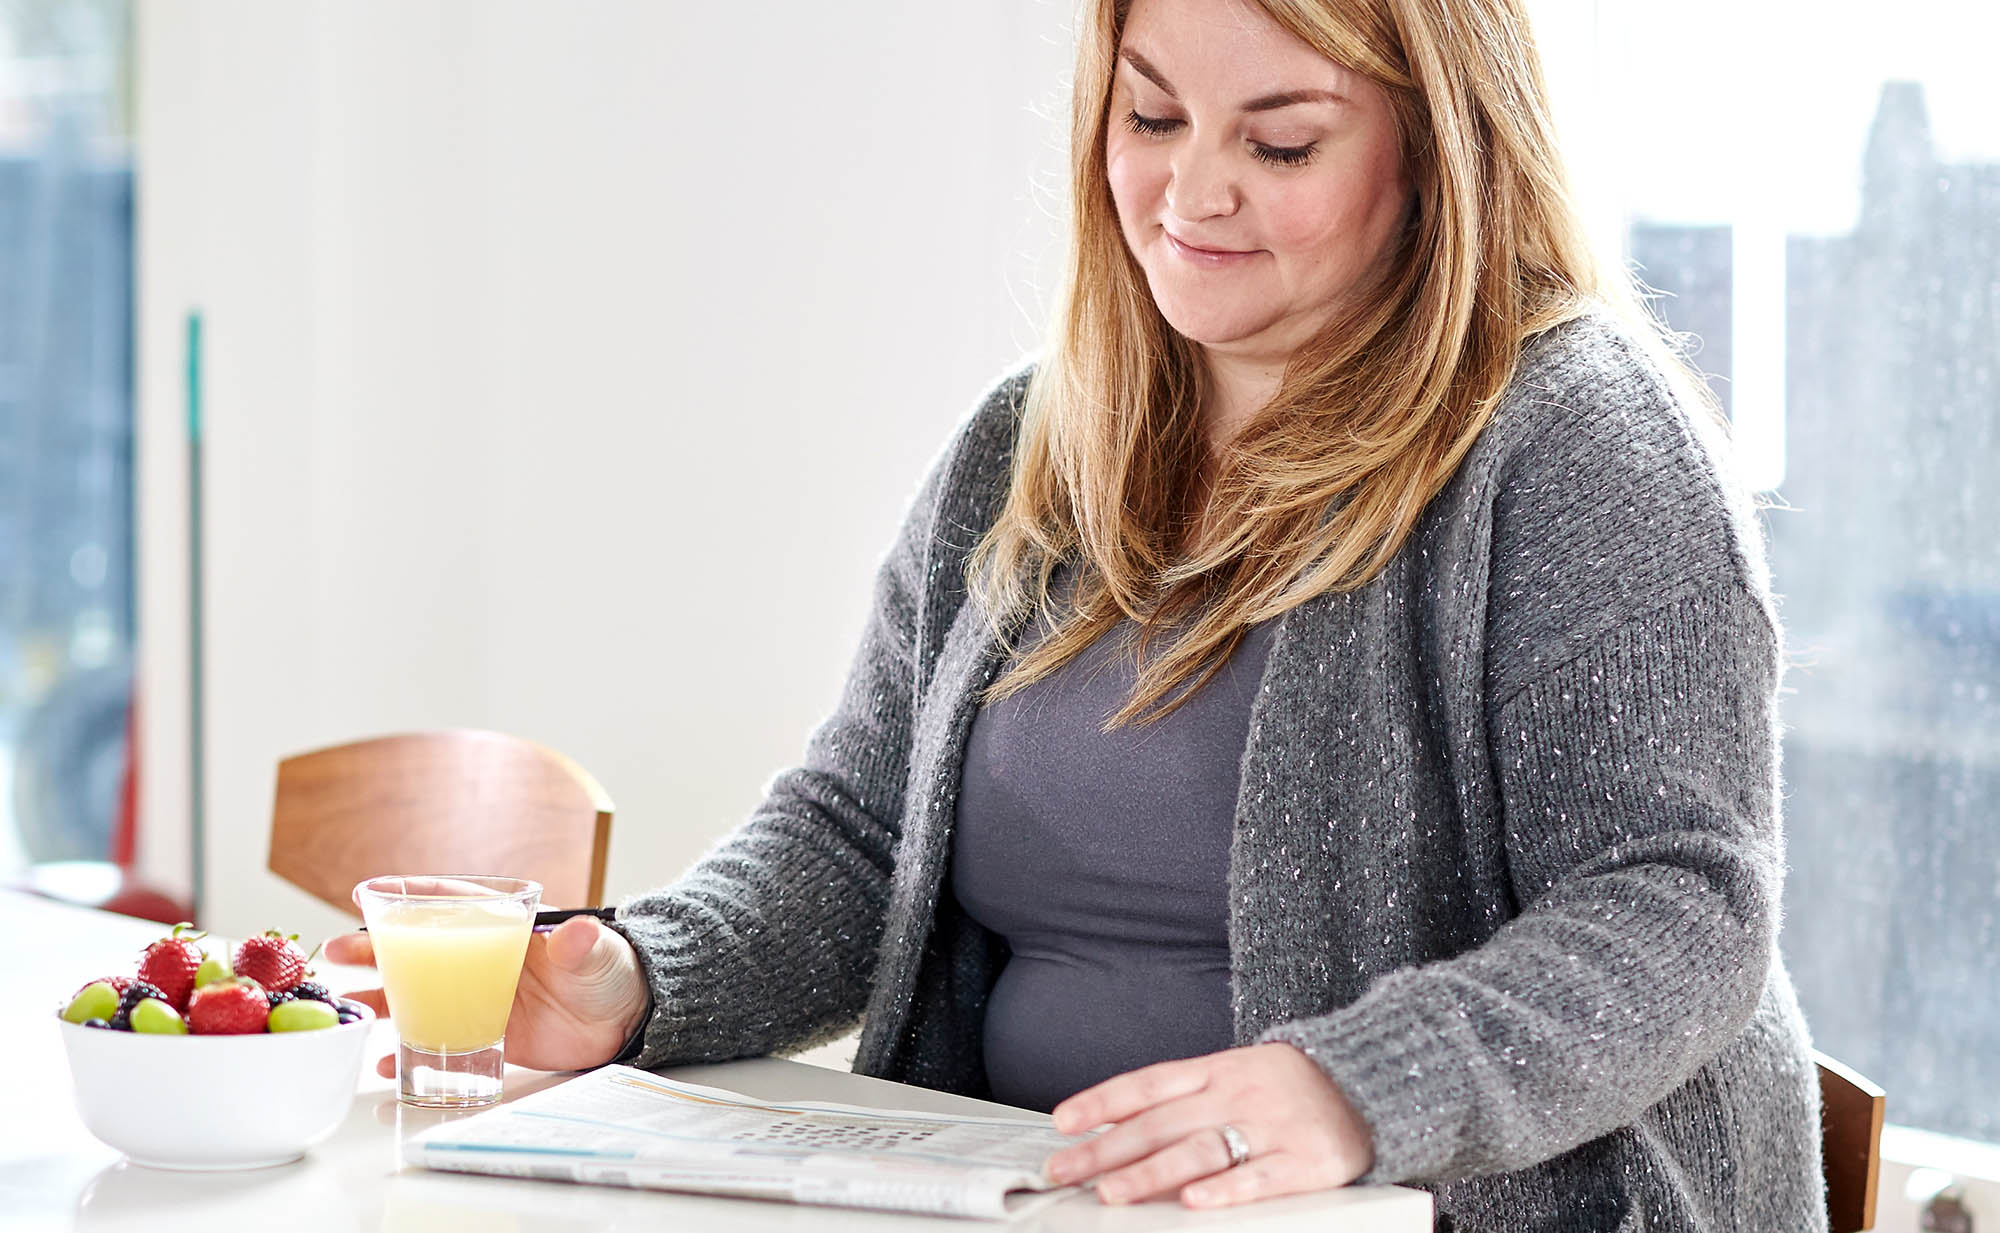 COVID-19: ahora la obesidad será considerada factor de riesgo | Infobae